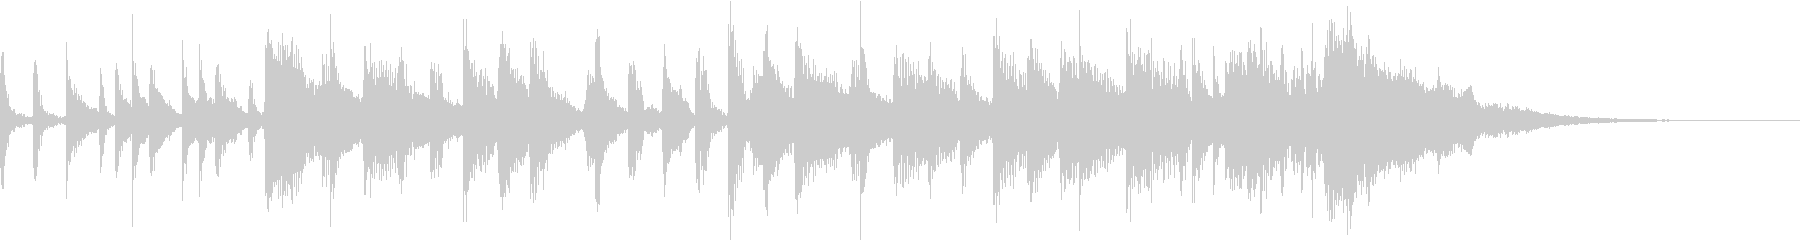 ピアノ ポップロックジングルの未再生の波形